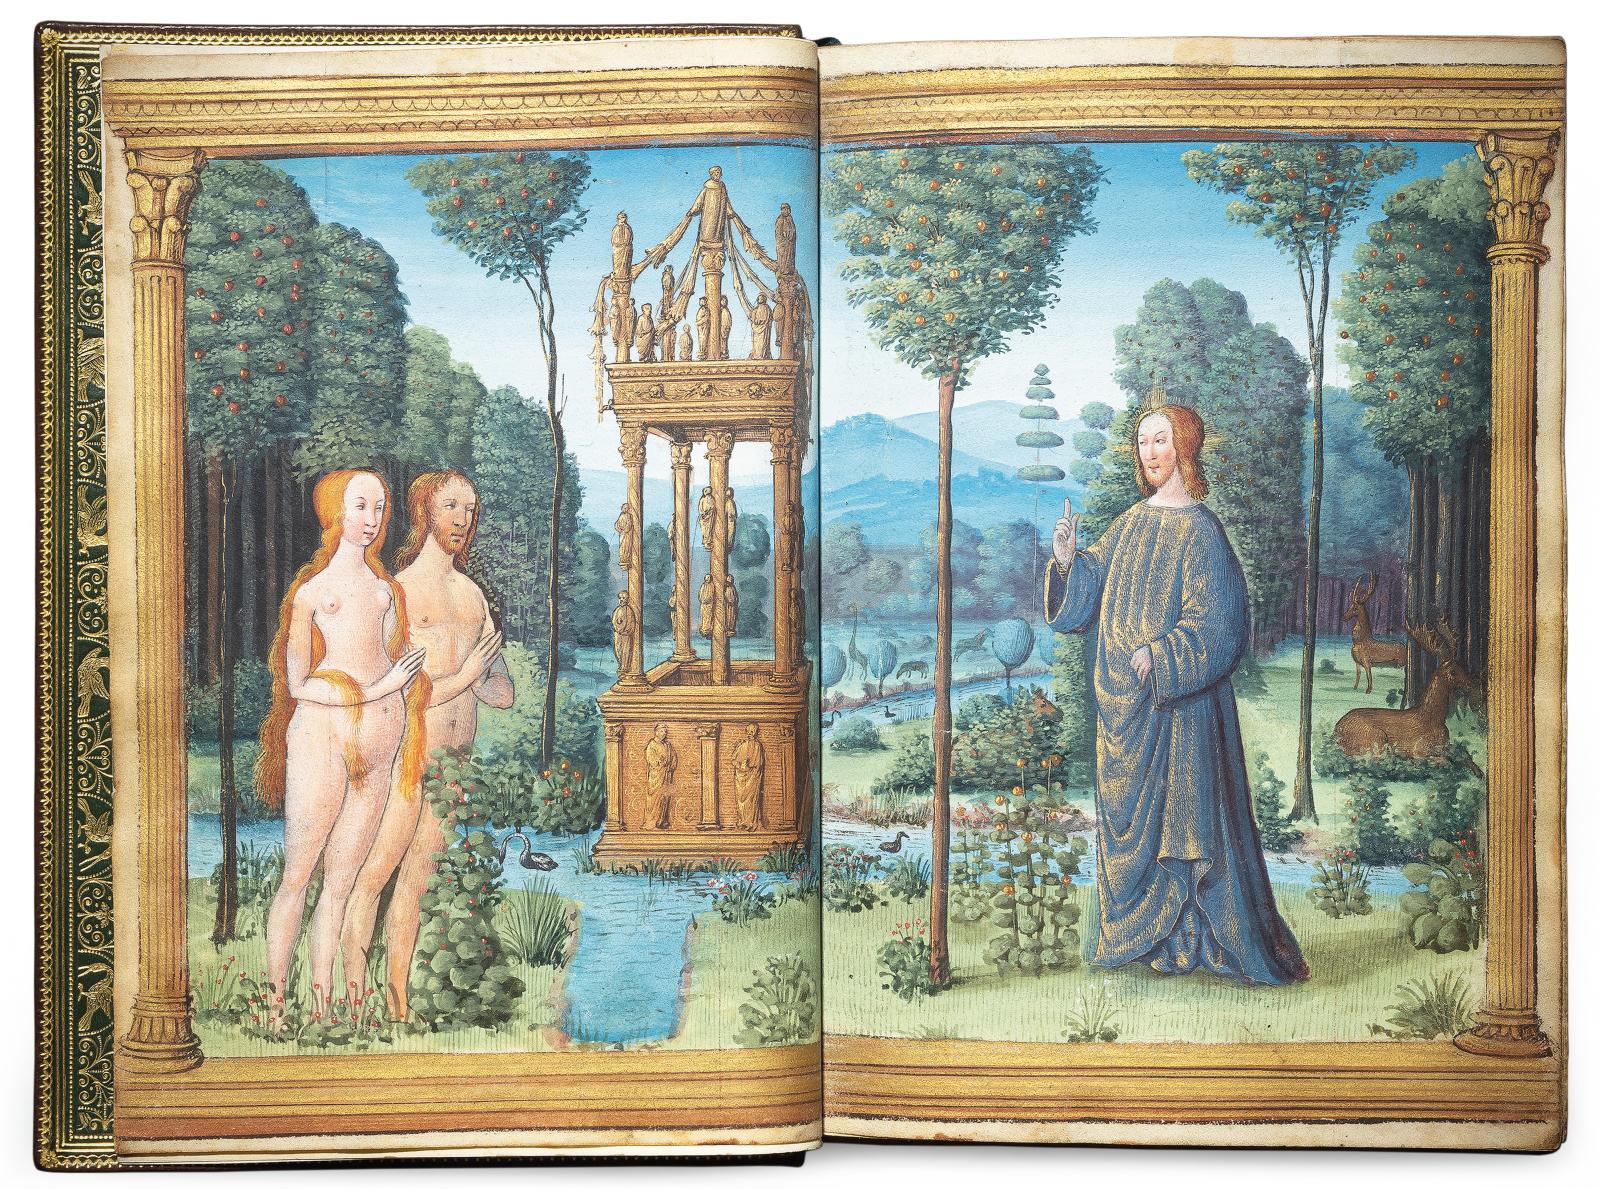 France, très certainement Bourges, vers 1500-1510. Livre d'heures à l'usage de Rome, manuscrit en latin et en françaisenluminé sur parche